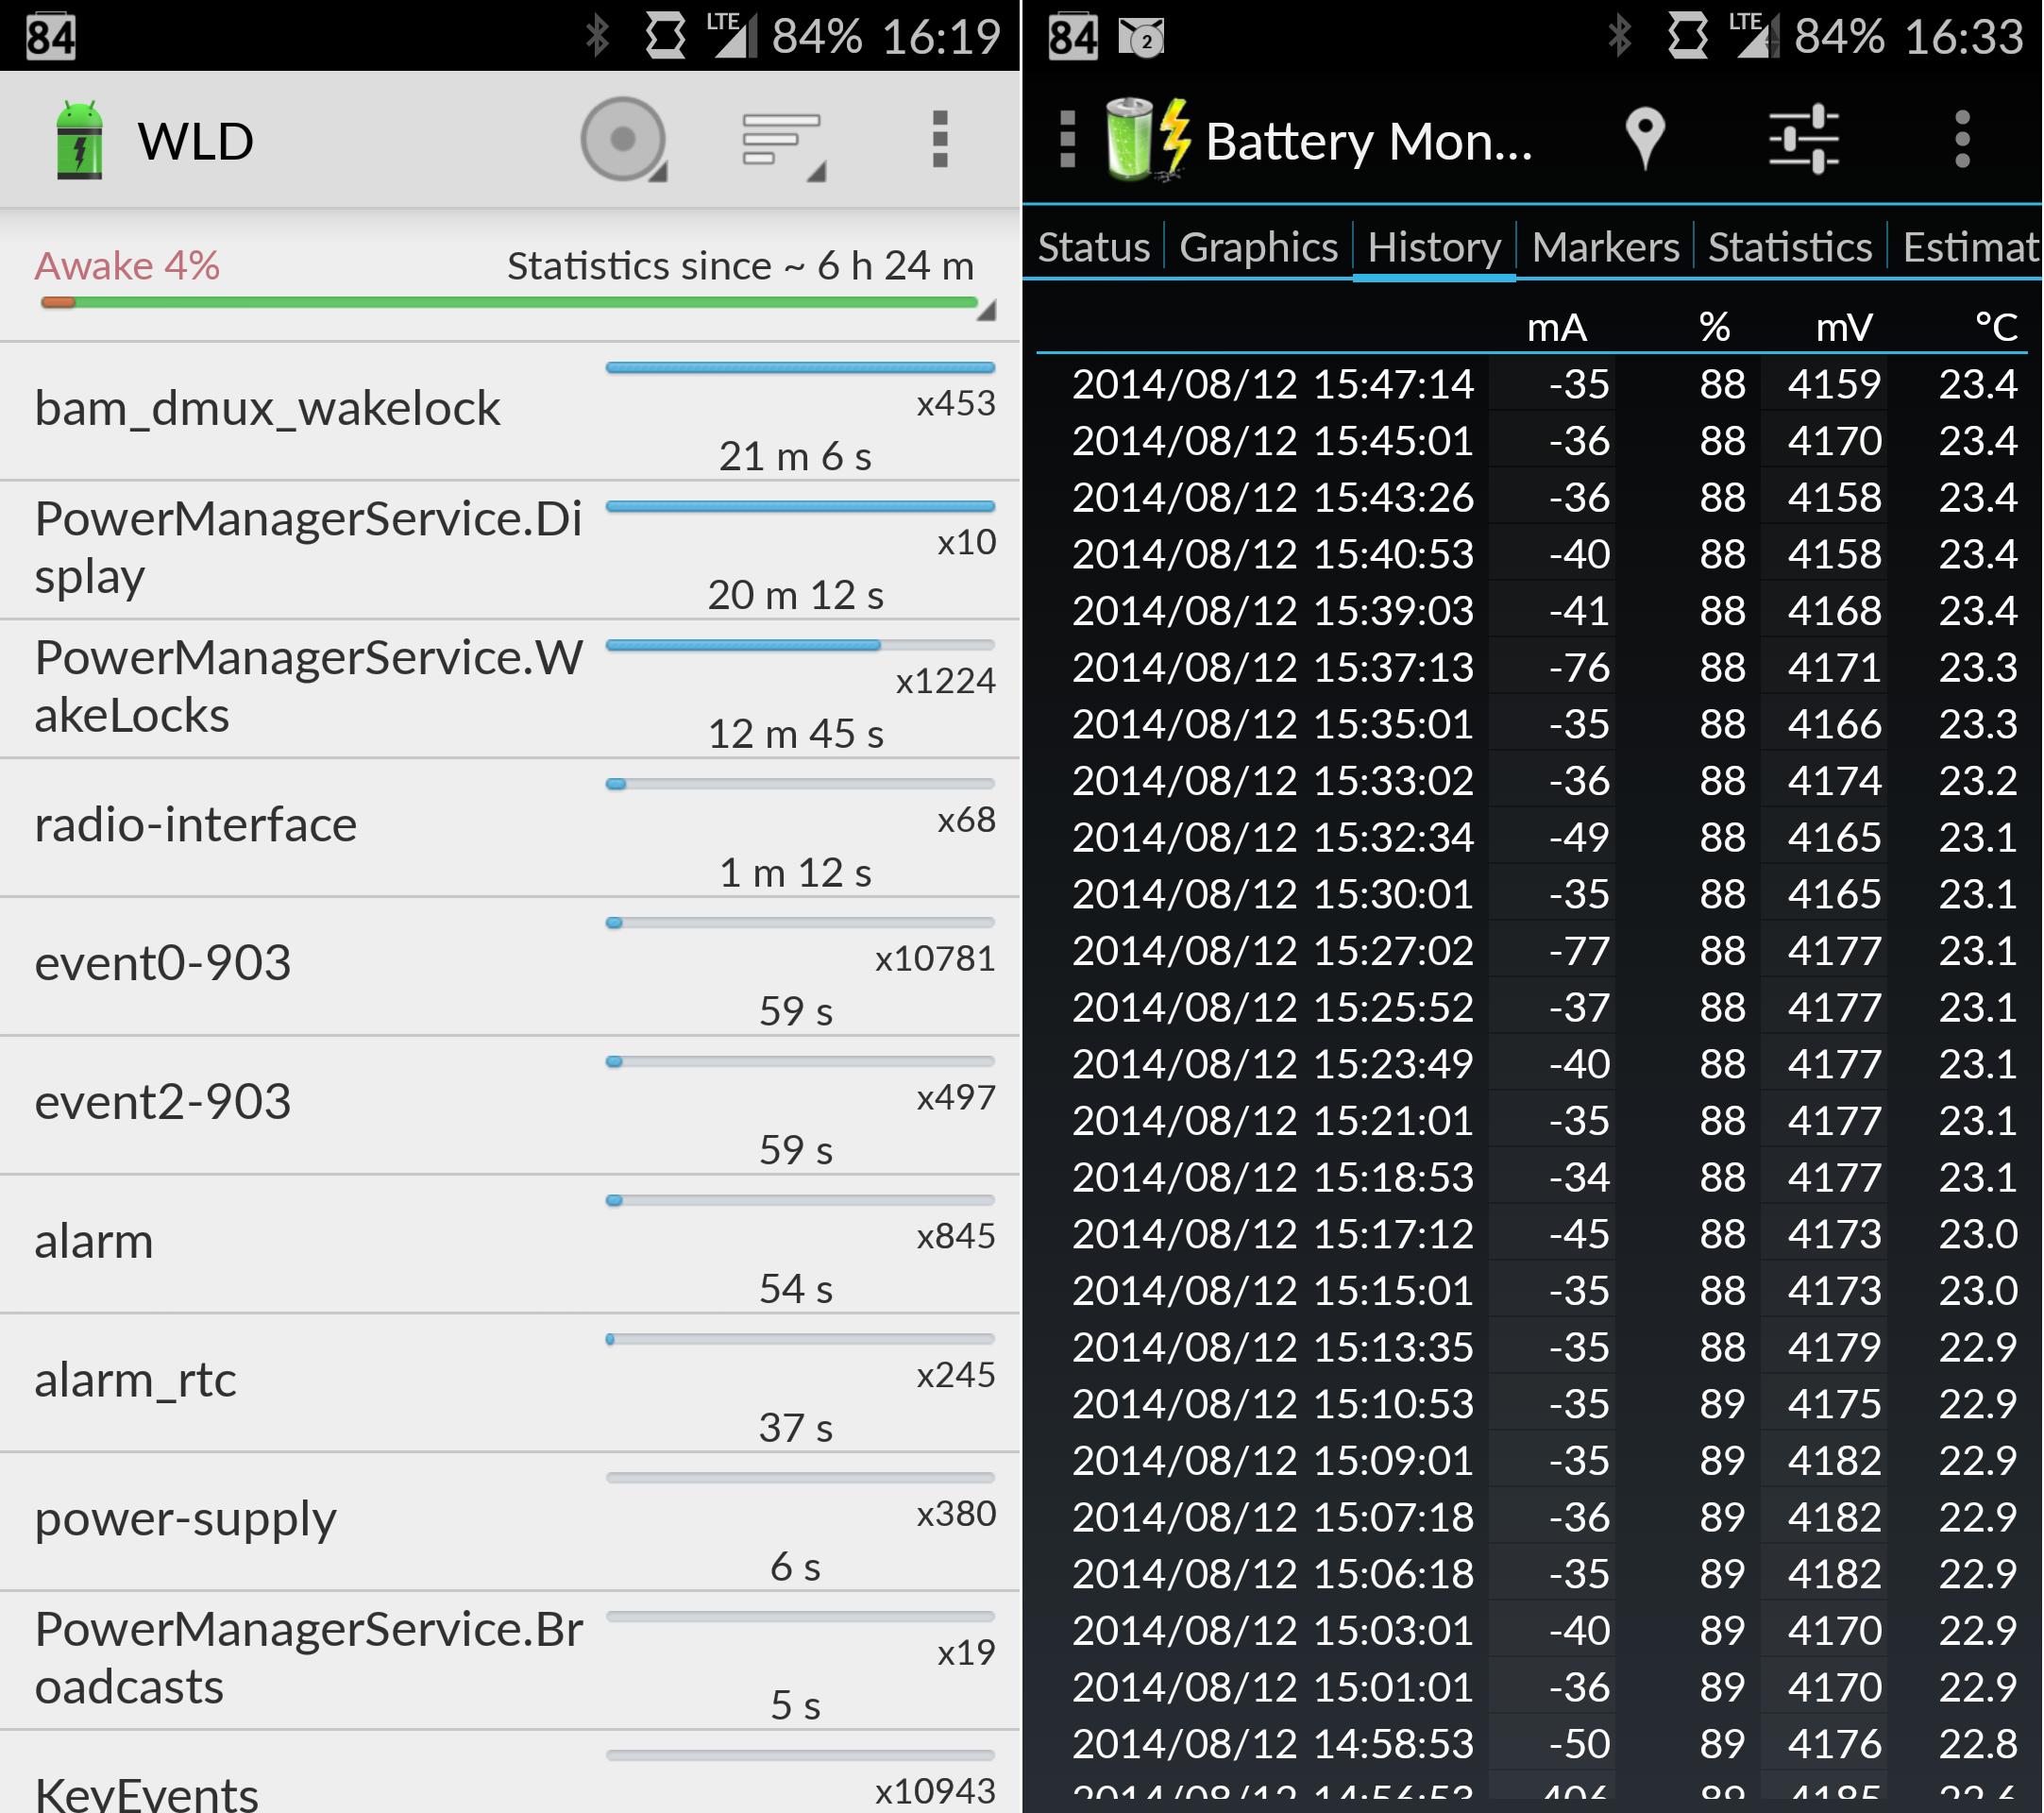 Cyanogenmod OnePlus One wakelocks